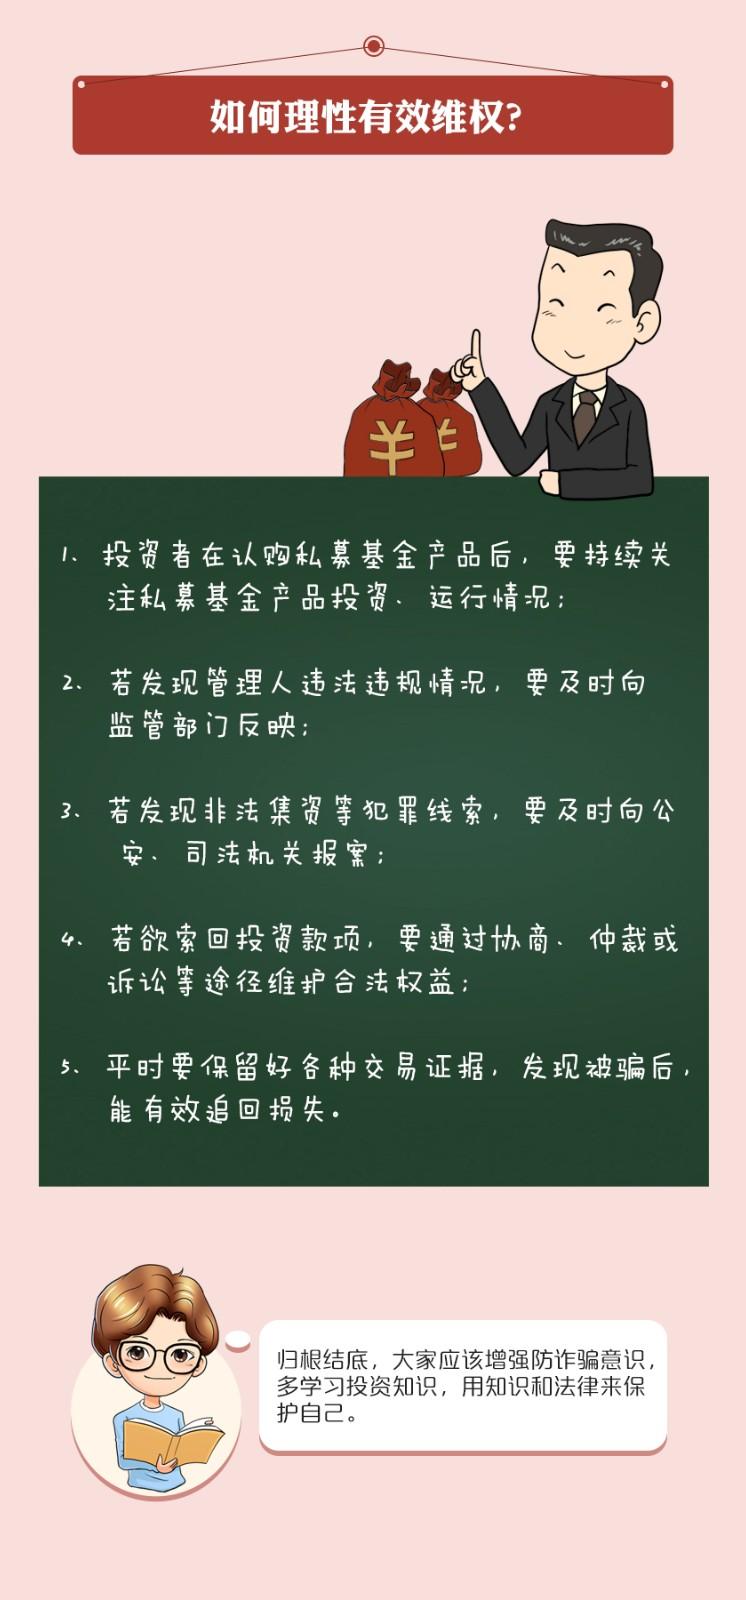 仙鹤股份有限公司官方网站